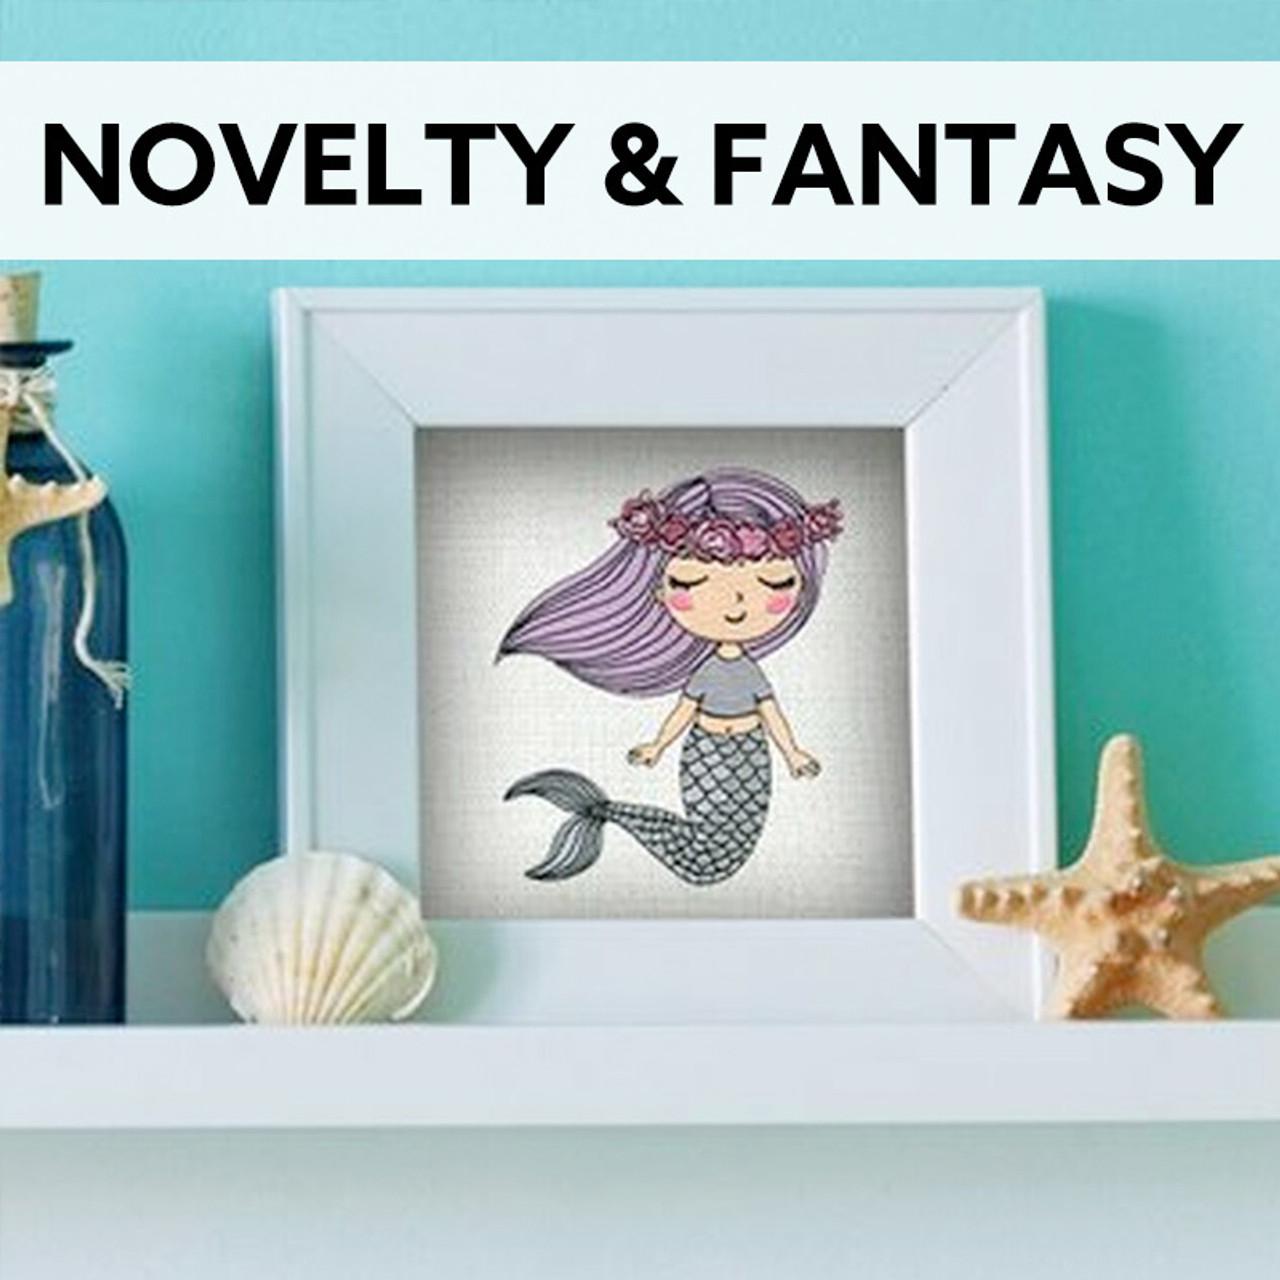 Novelty & Fantasy